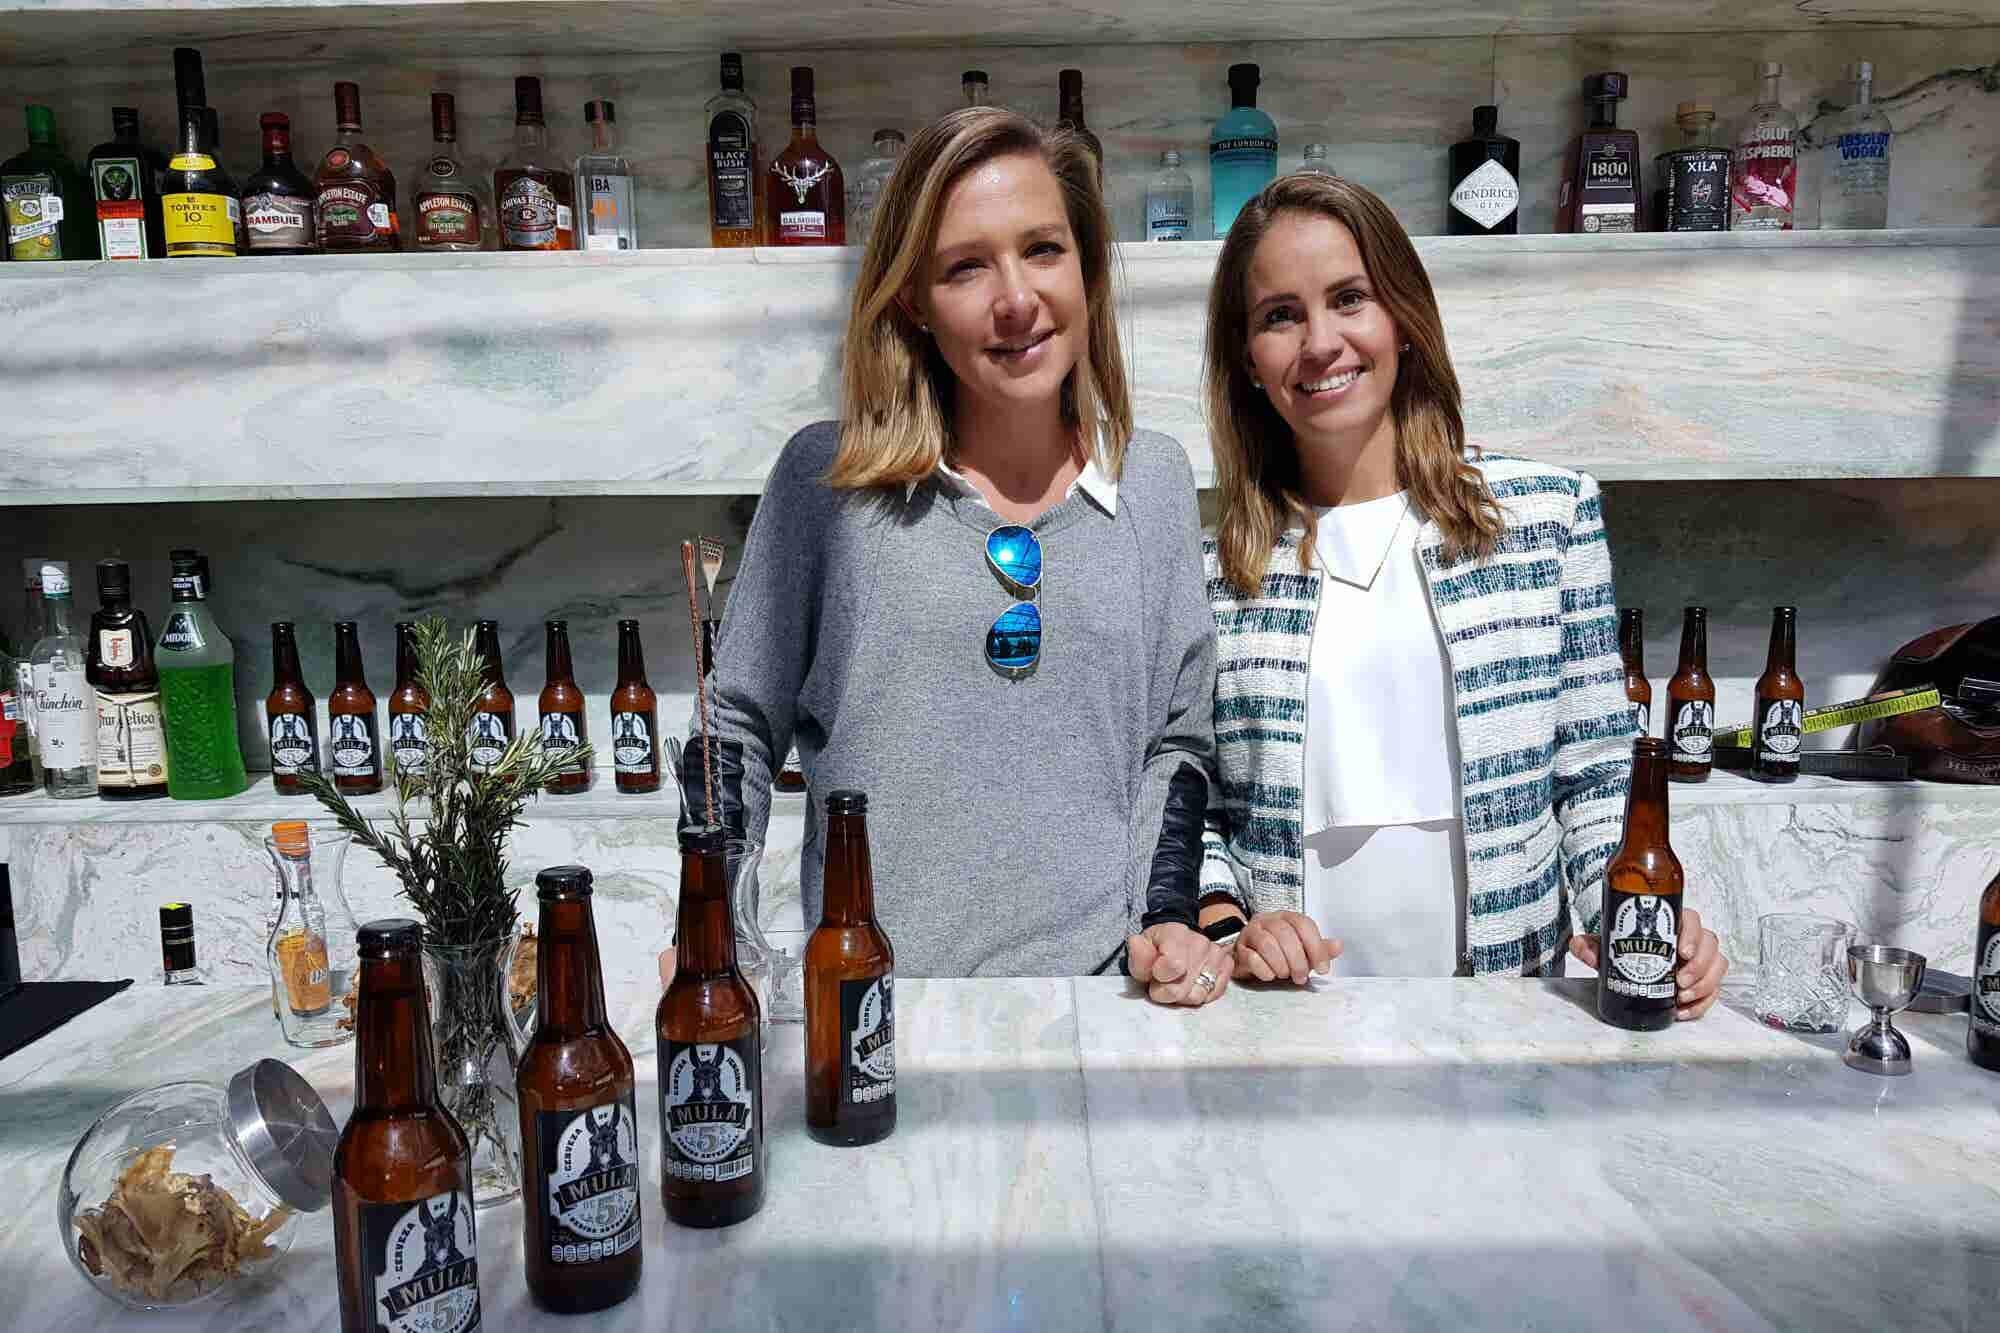 La 'mula mexicana' de dos emprendedoras que quieren competirle a Canada Dry